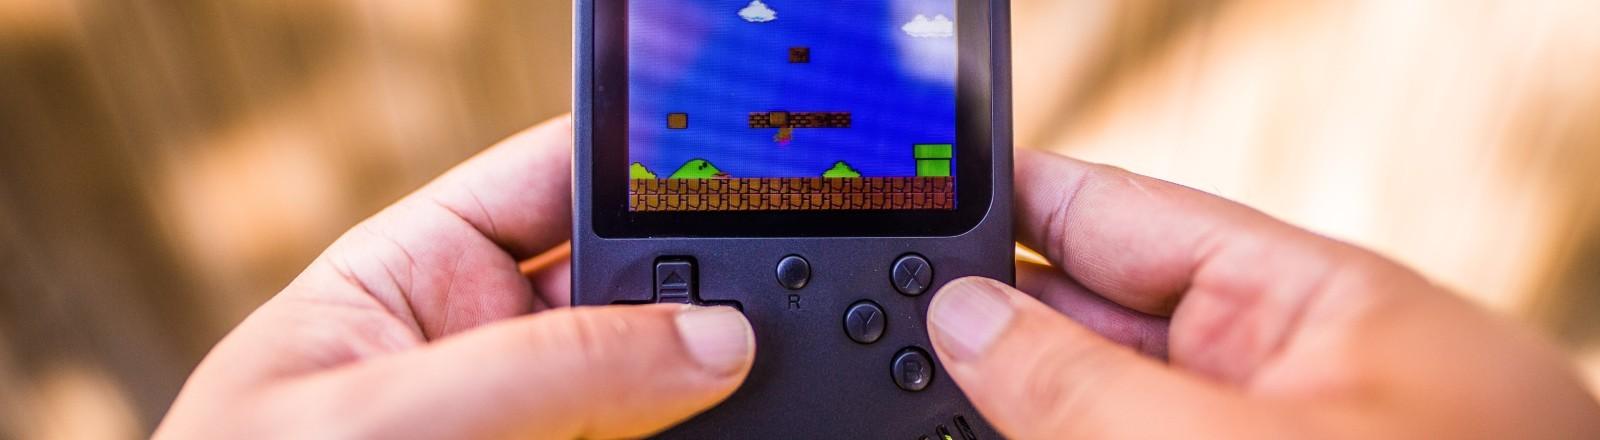 Kleiner Gameboy mit Supermario-Spiel